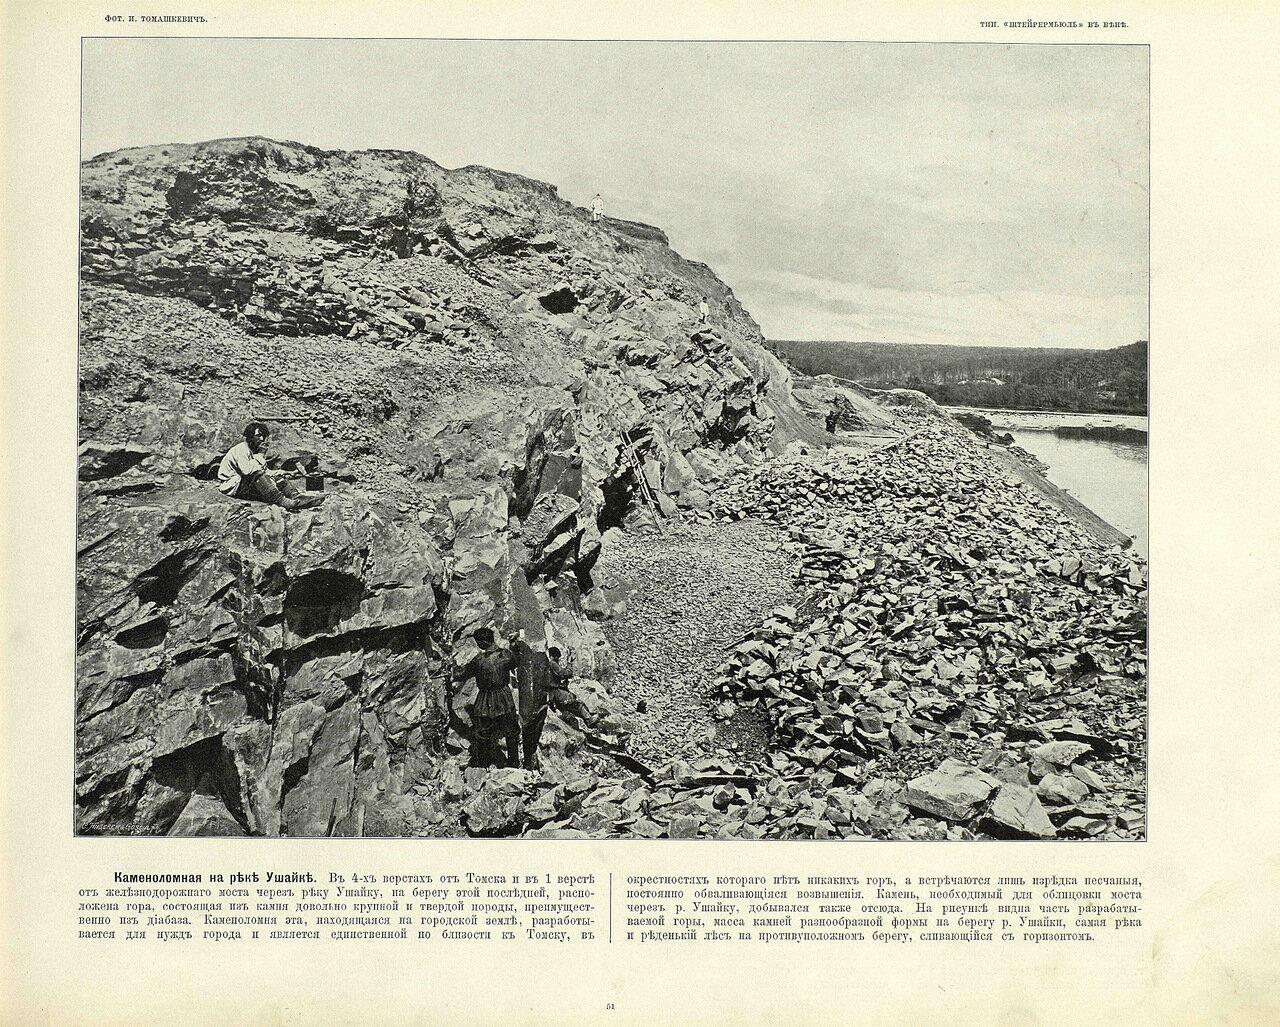 51. Каменоломня на реке Ушайке